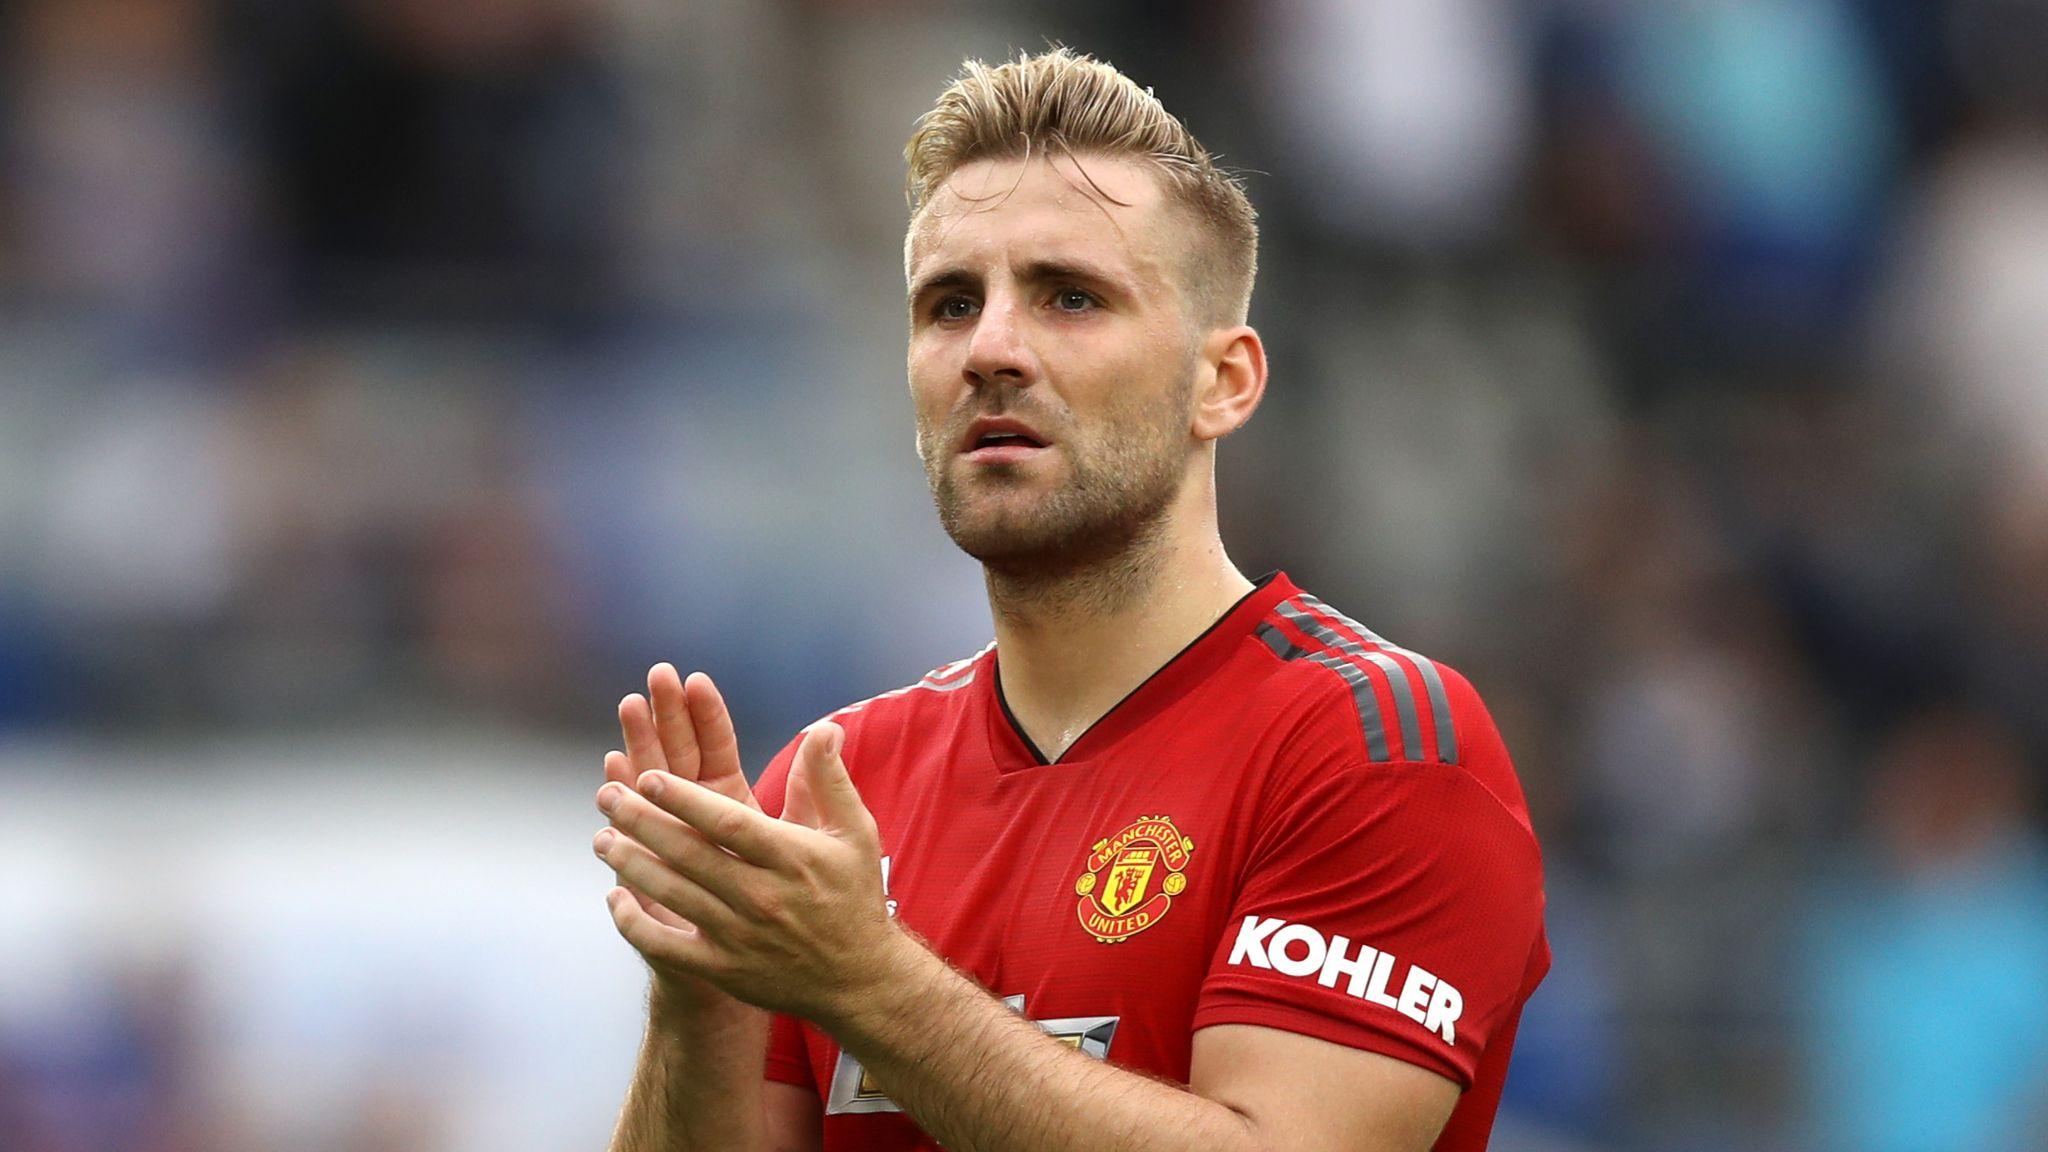 Shaw befason me deklaratën e tij: Ky sezon nuk vlen më, të nisë nga e para